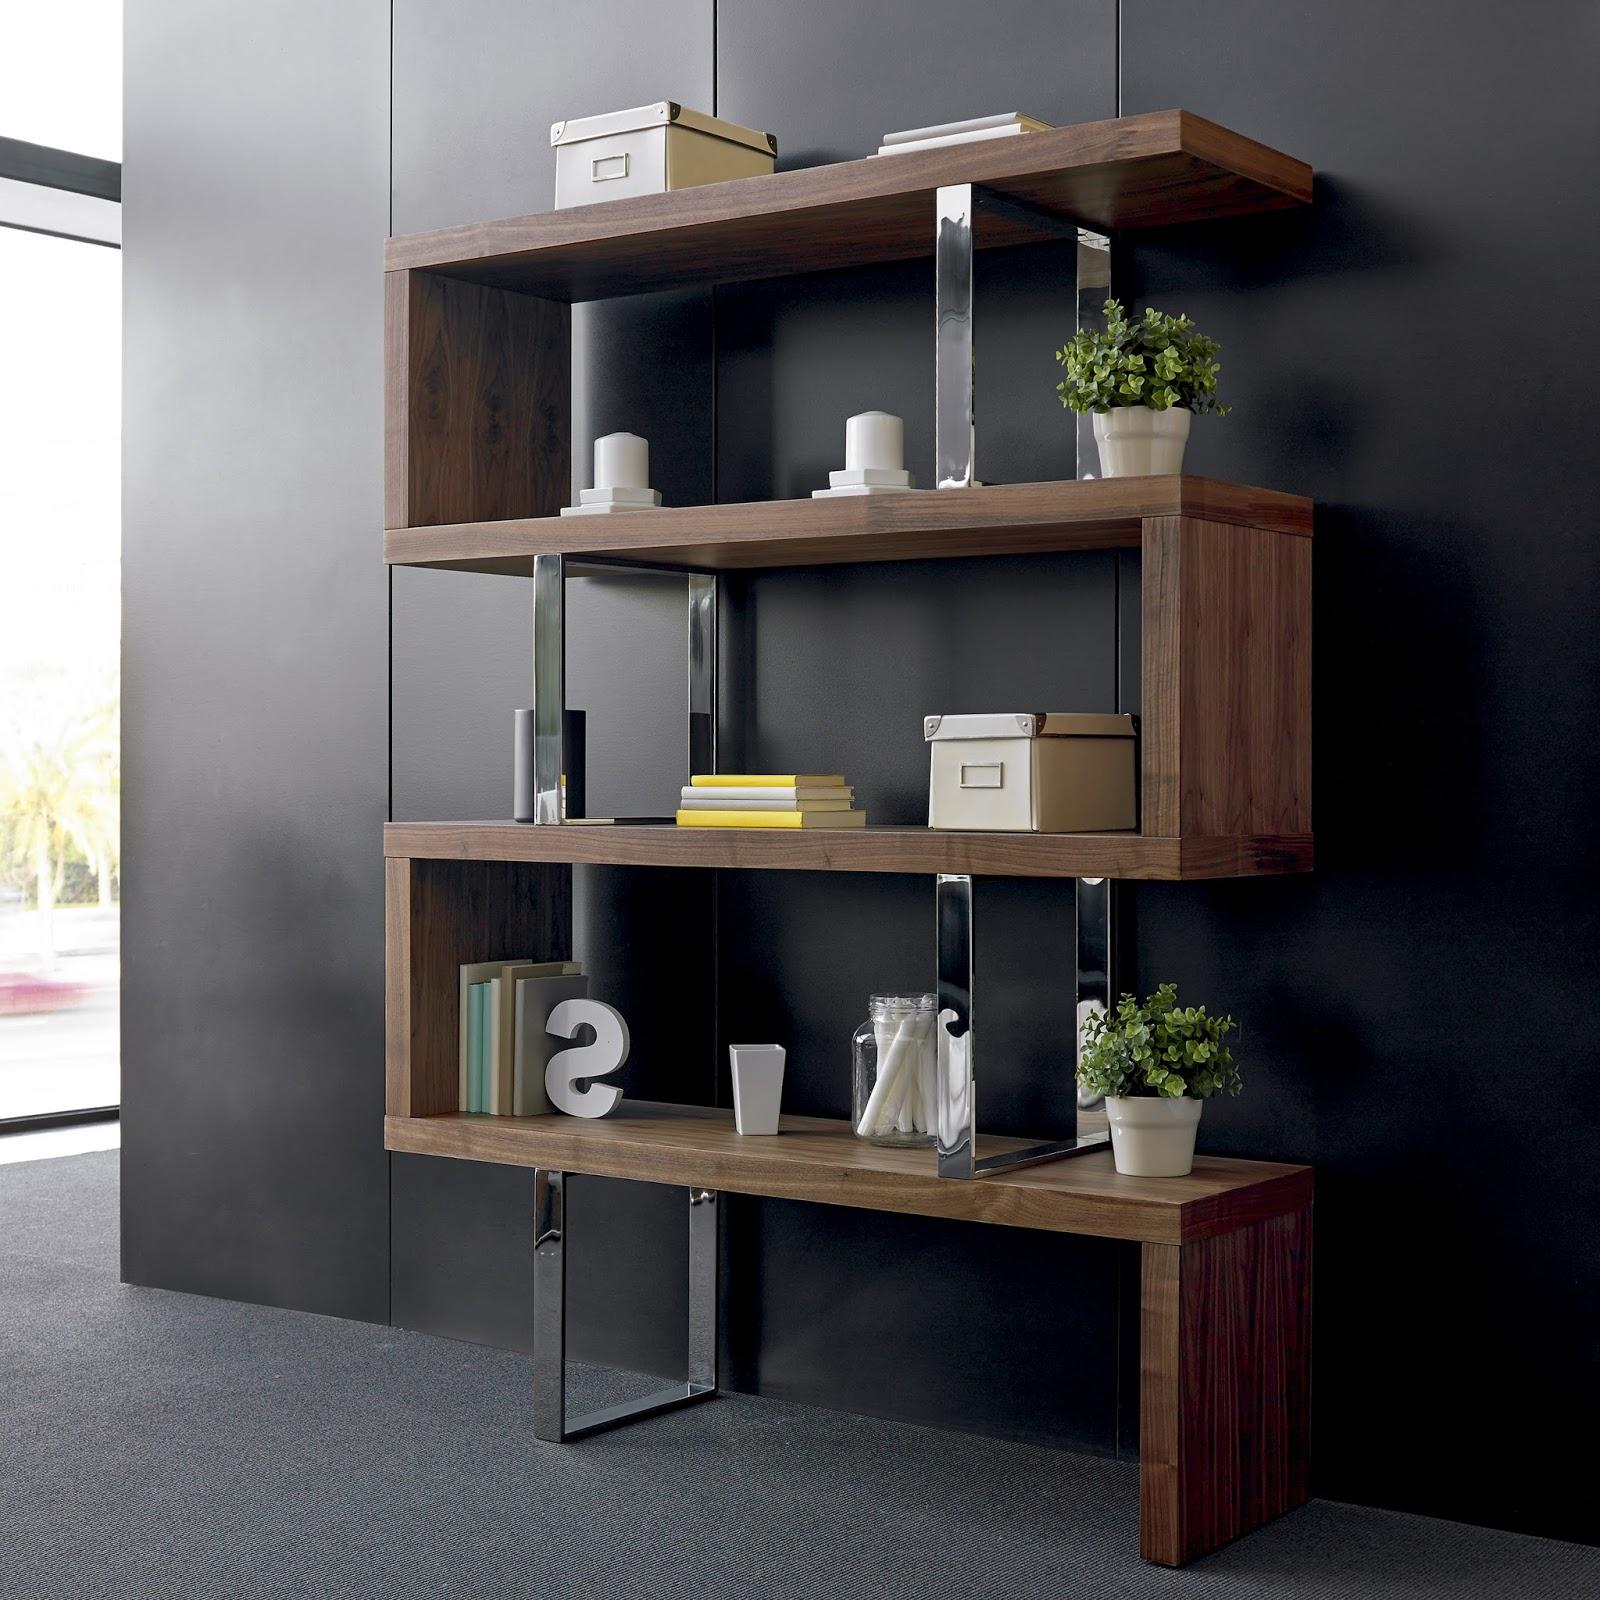 Muebles de sal n librerias para ordenar el salon - Libreria para salon ...